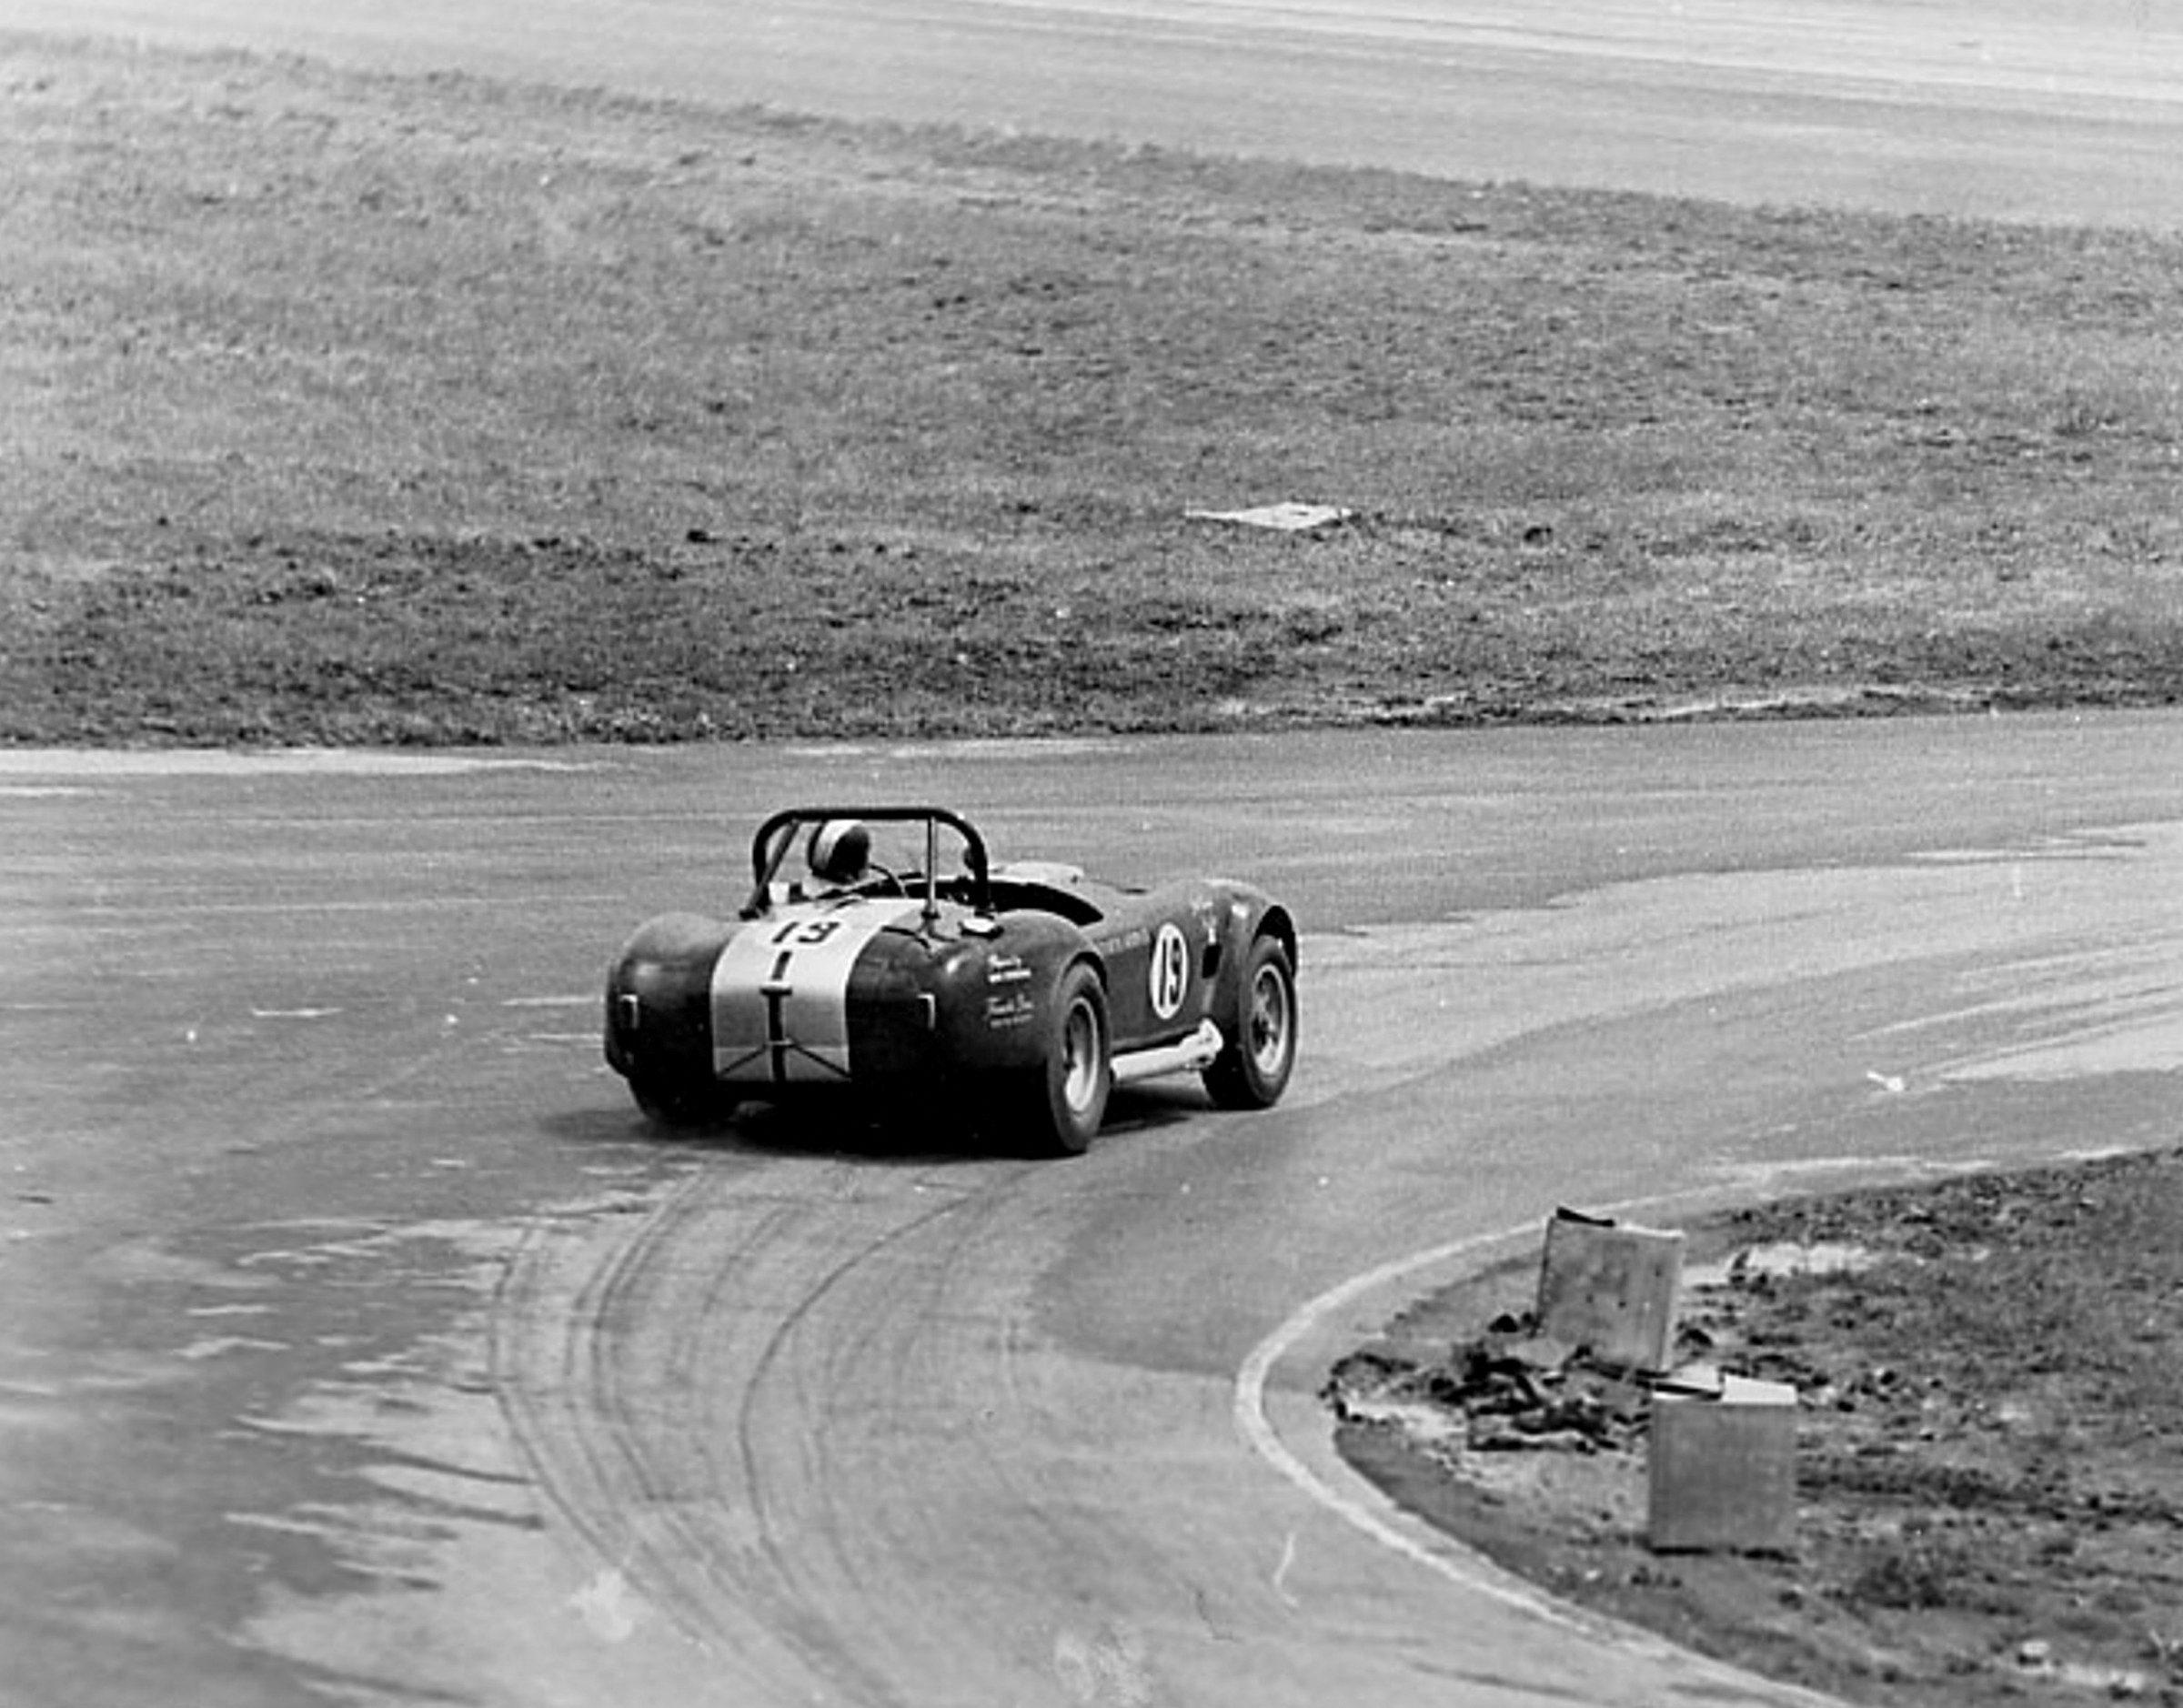 consiglio 1965 competition cobra